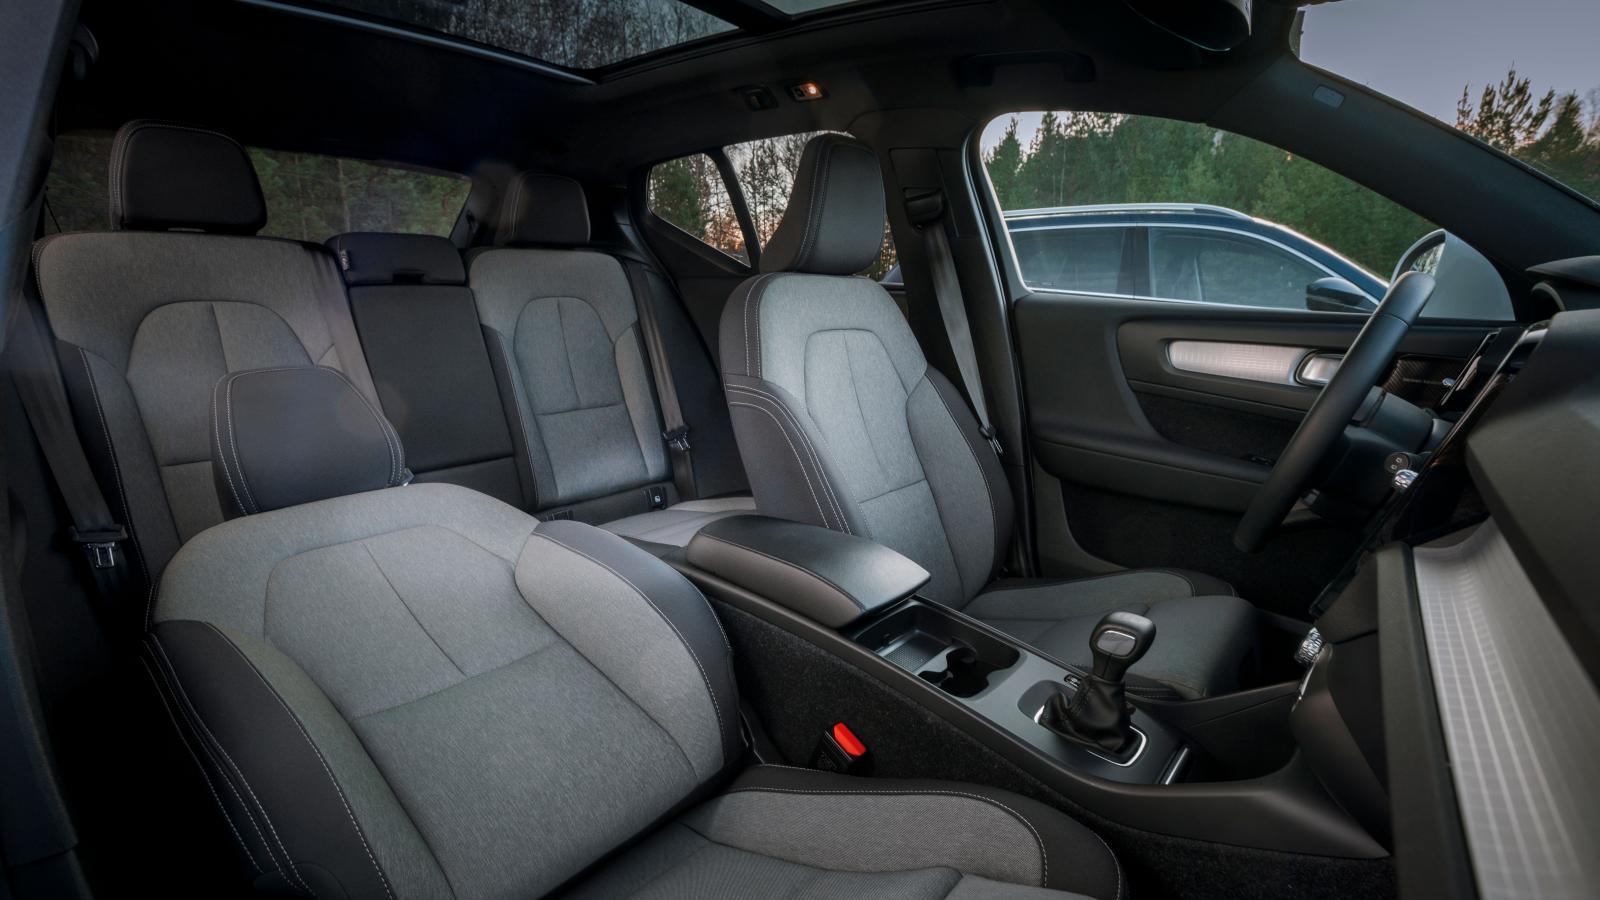 Volvos textilklädsel ger ett propert intryck och utrymmena räcker till utan att vara märkvärdiga. Sköna stolar, men rätt instängt i baksätet på grund av fönsterlinjen och man sitter ovanligt upprätt.